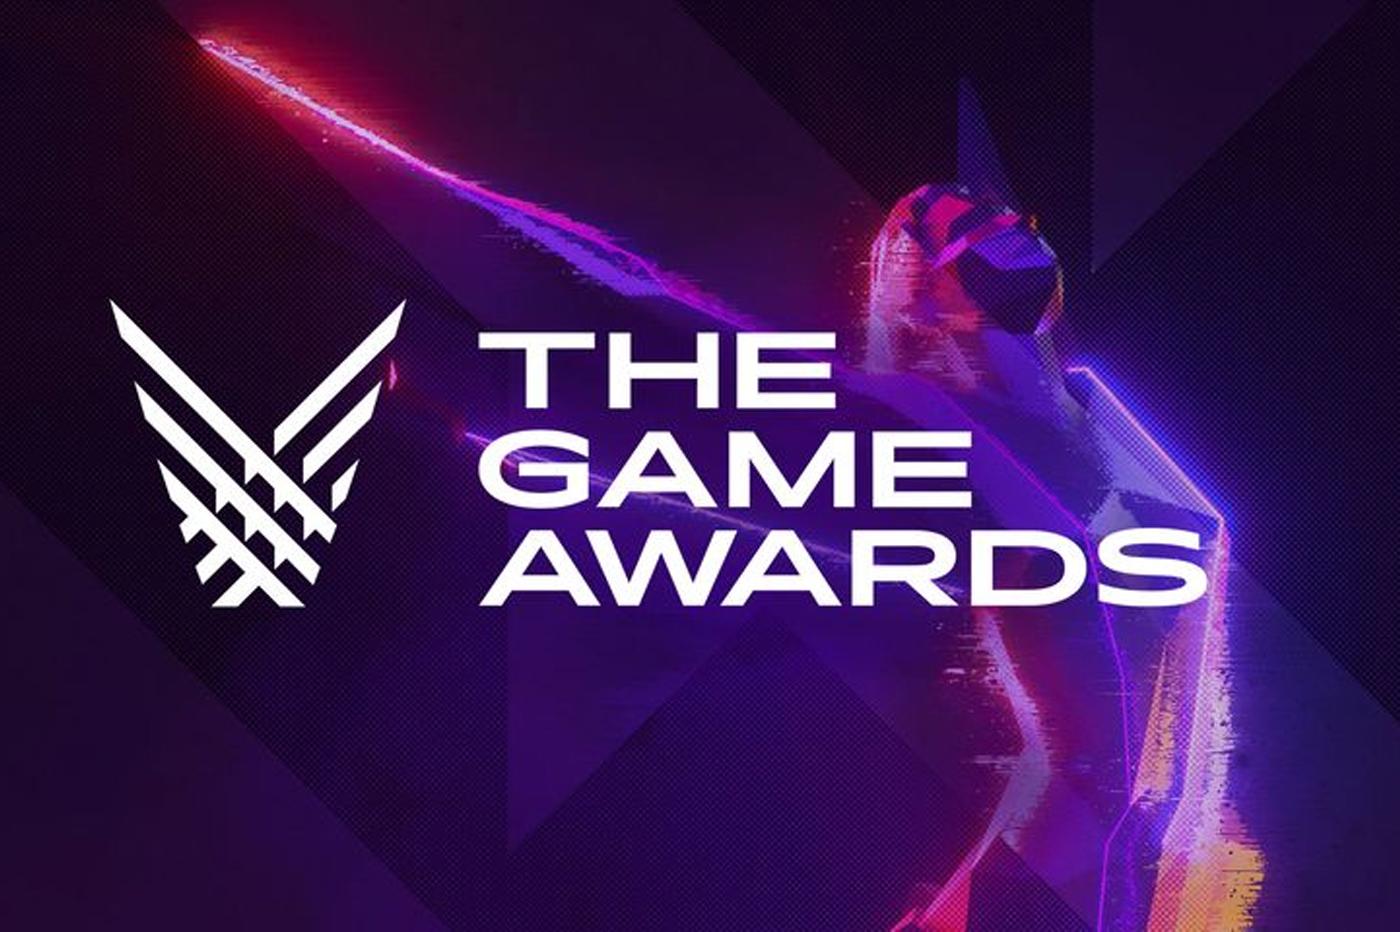 Résumé Game Awards 2019